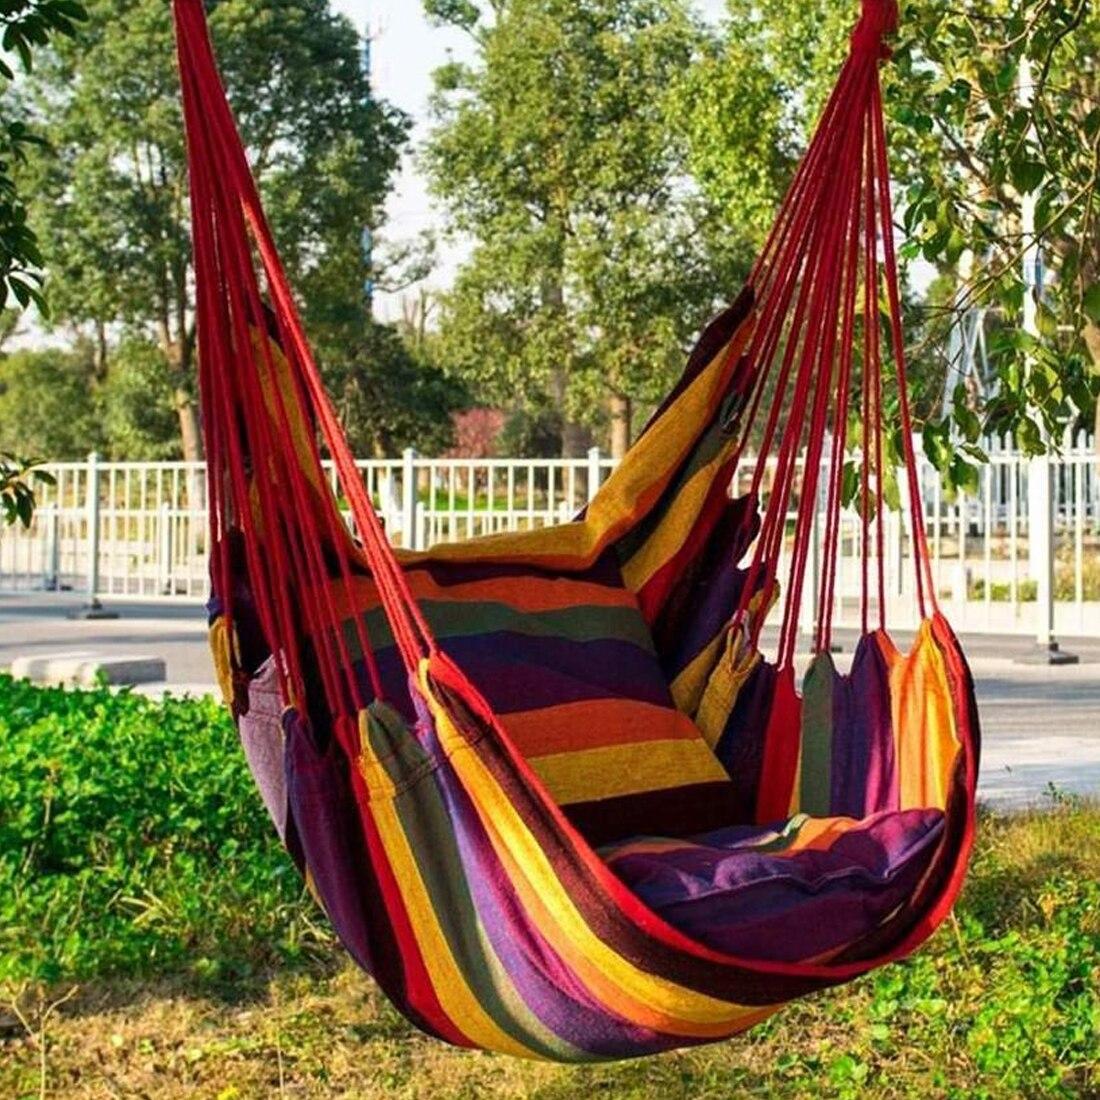 Портативное кресло-гамак, подвесное кресло-качели с 2 подушками для сада, улицы и помещений, модные качели